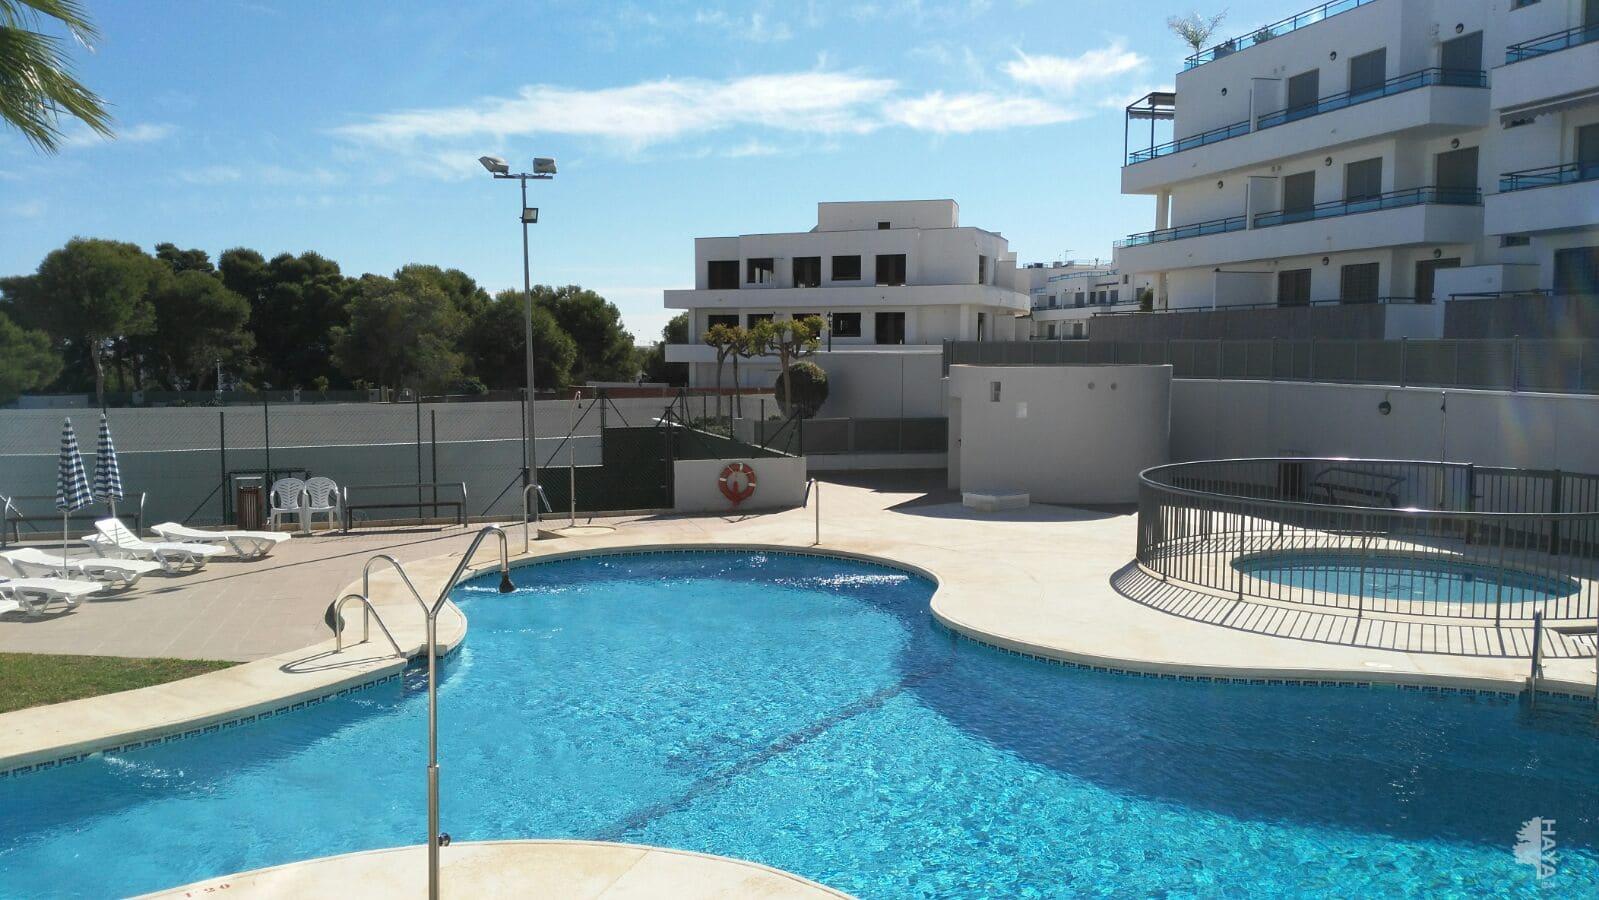 Piso en venta en Garrucha, Almería, Calle Murillo (pinar de Garrucha), B, 96.300 €, 2 habitaciones, 2 baños, 73 m2